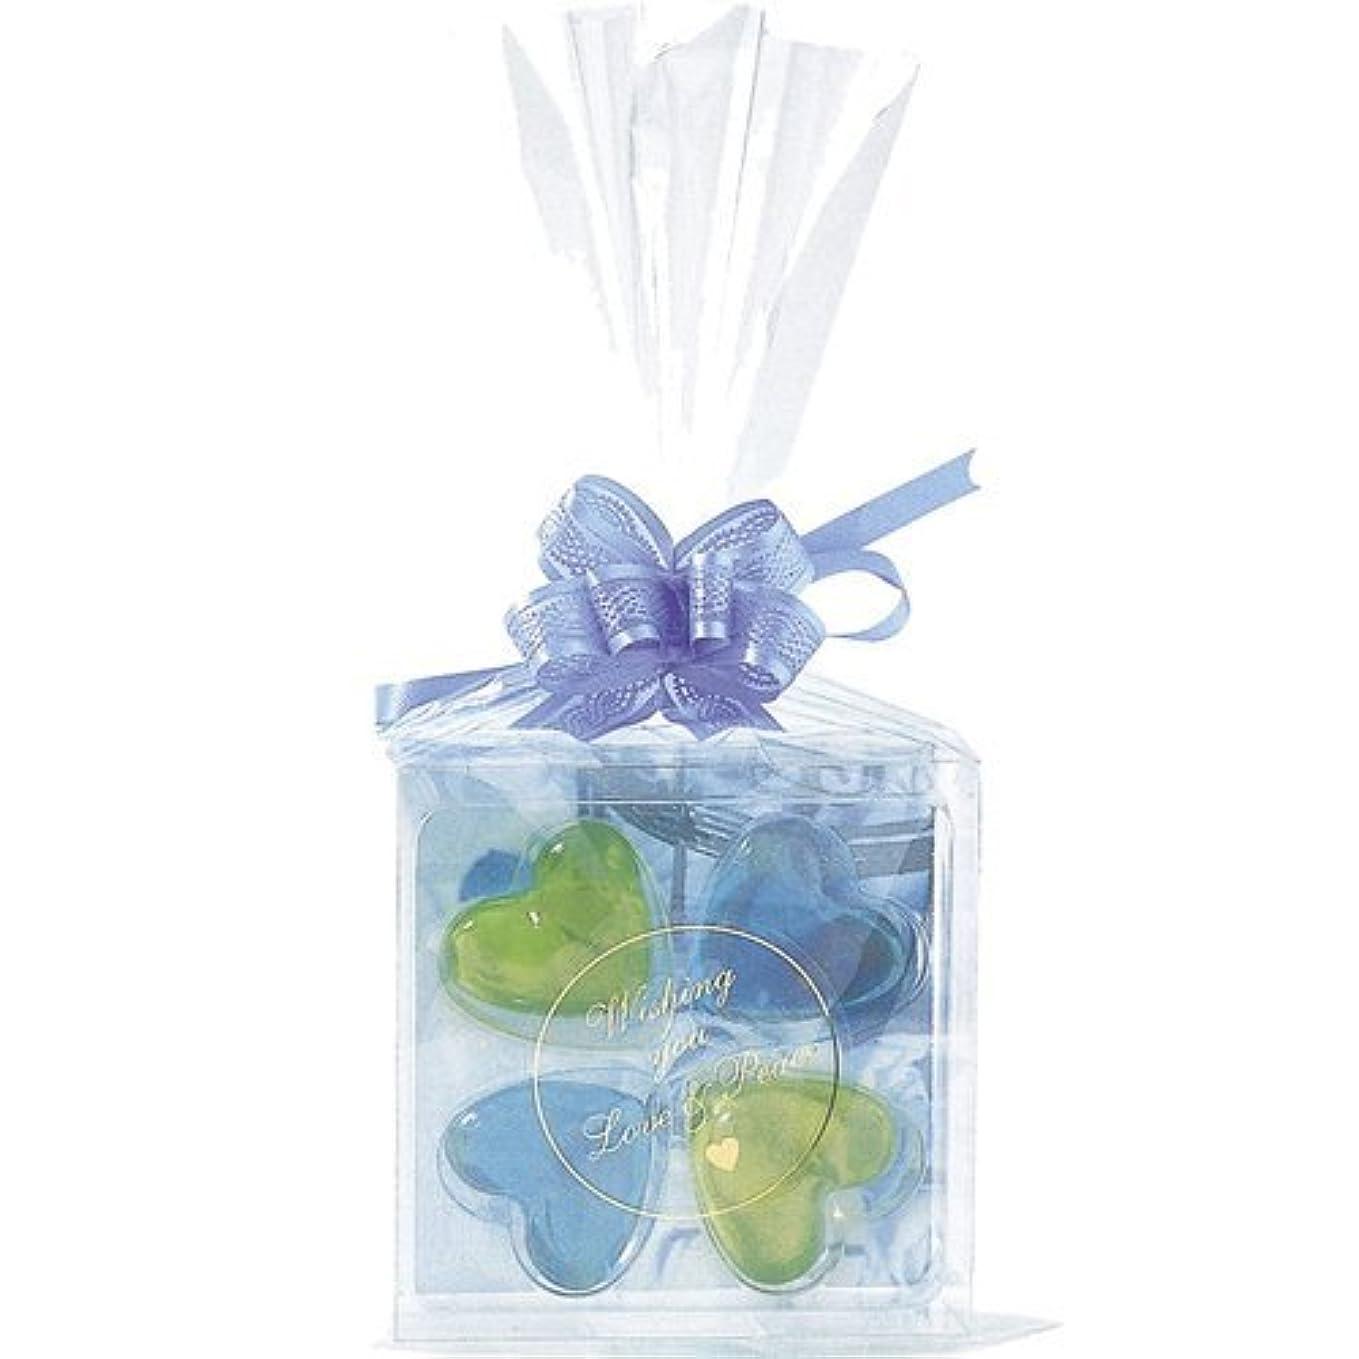 ソフトウェアパブベリジーピークリエイツ フォーチューンクローバー ブルー 入浴料セット(グリーンアップル、ベリー)